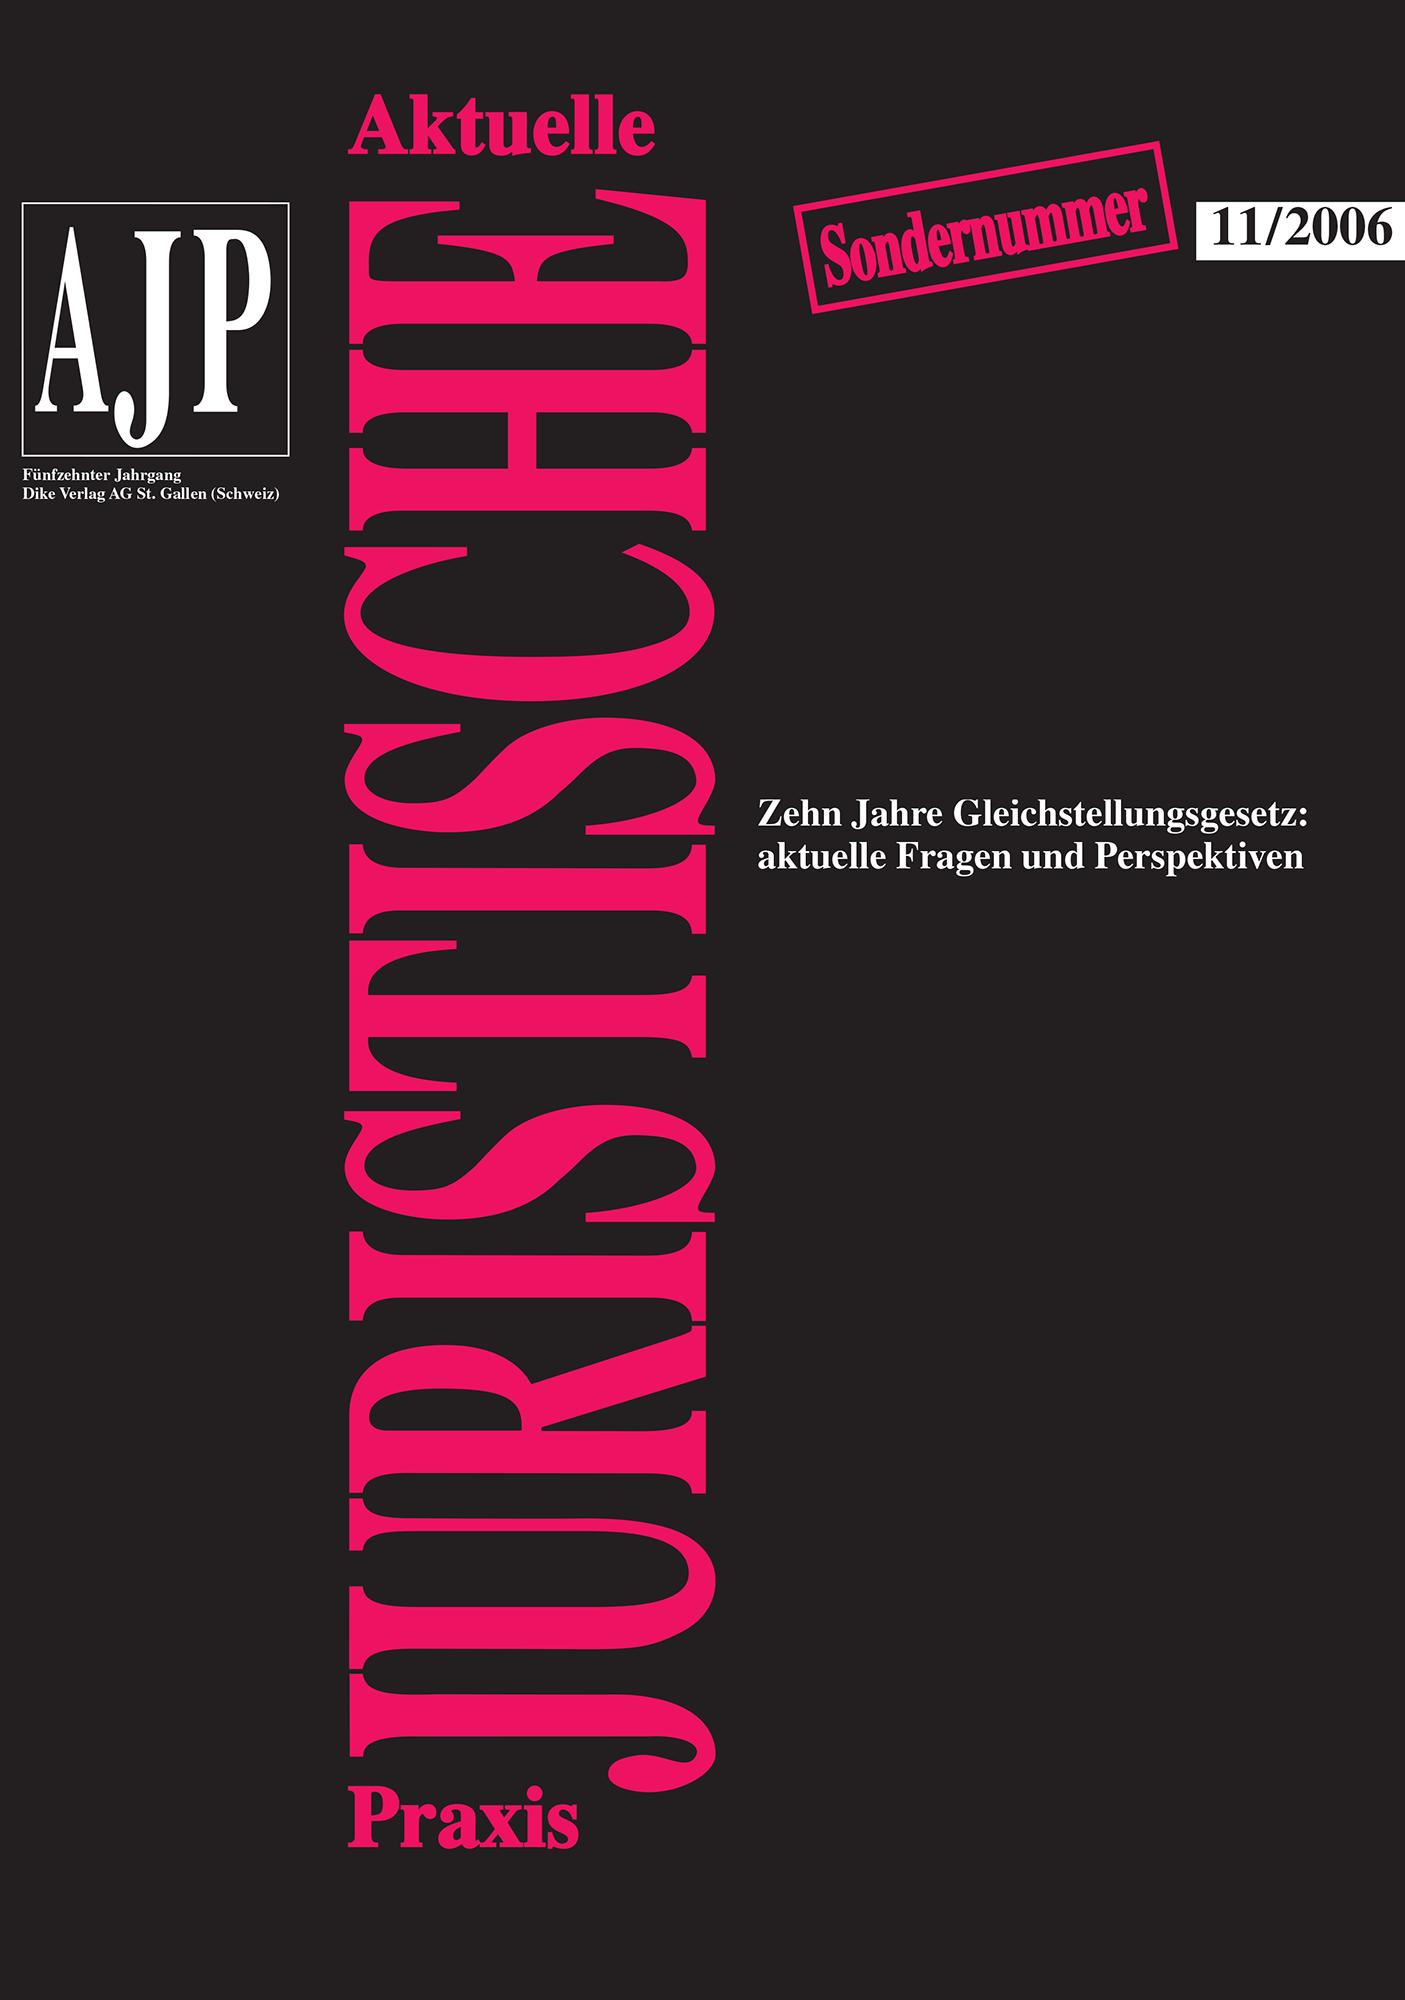 AJP/PJA 11/2006